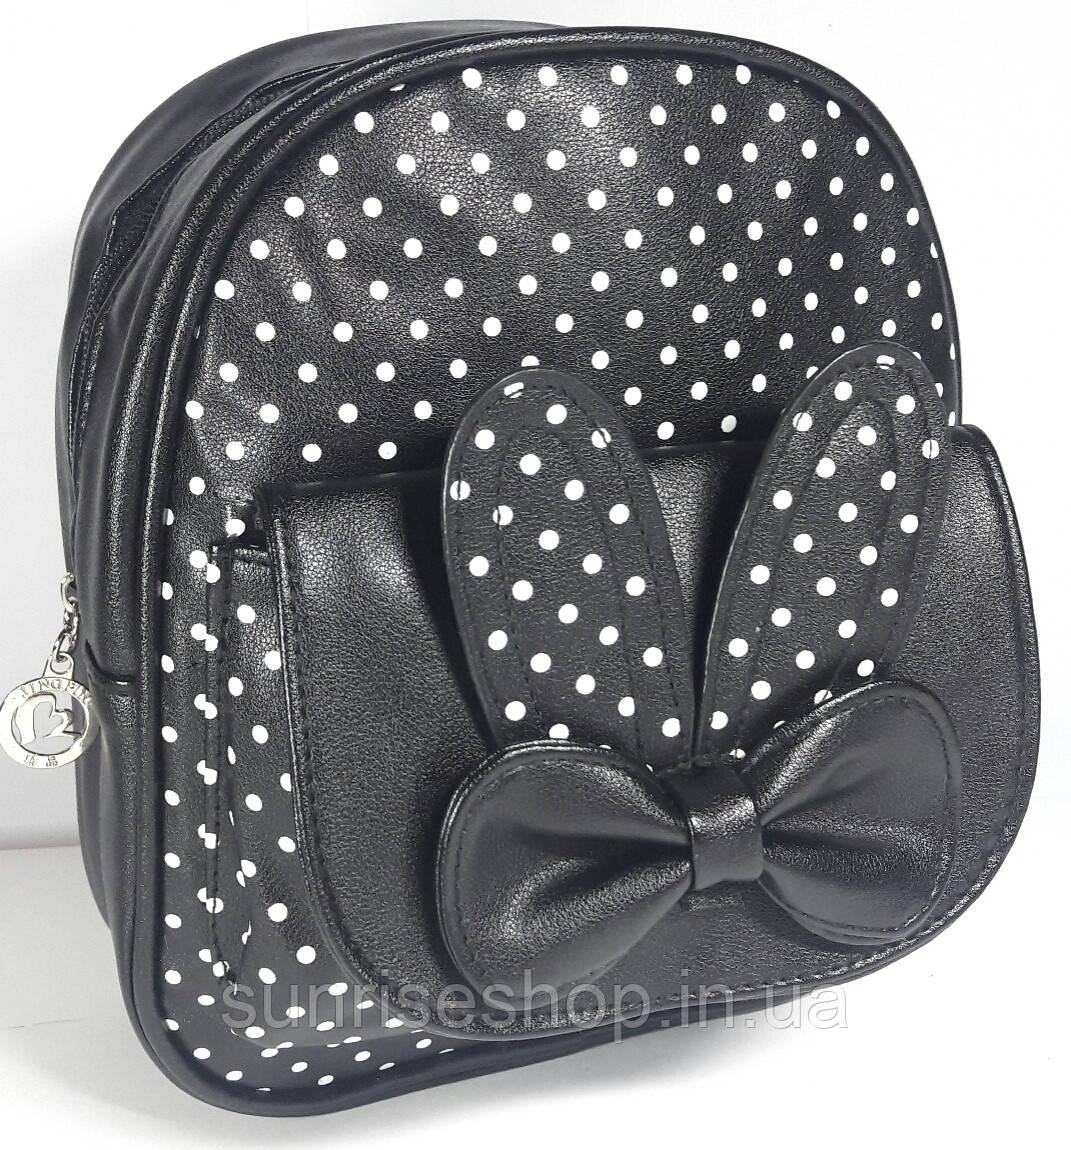 Рюкзак детский для девочки с ушками